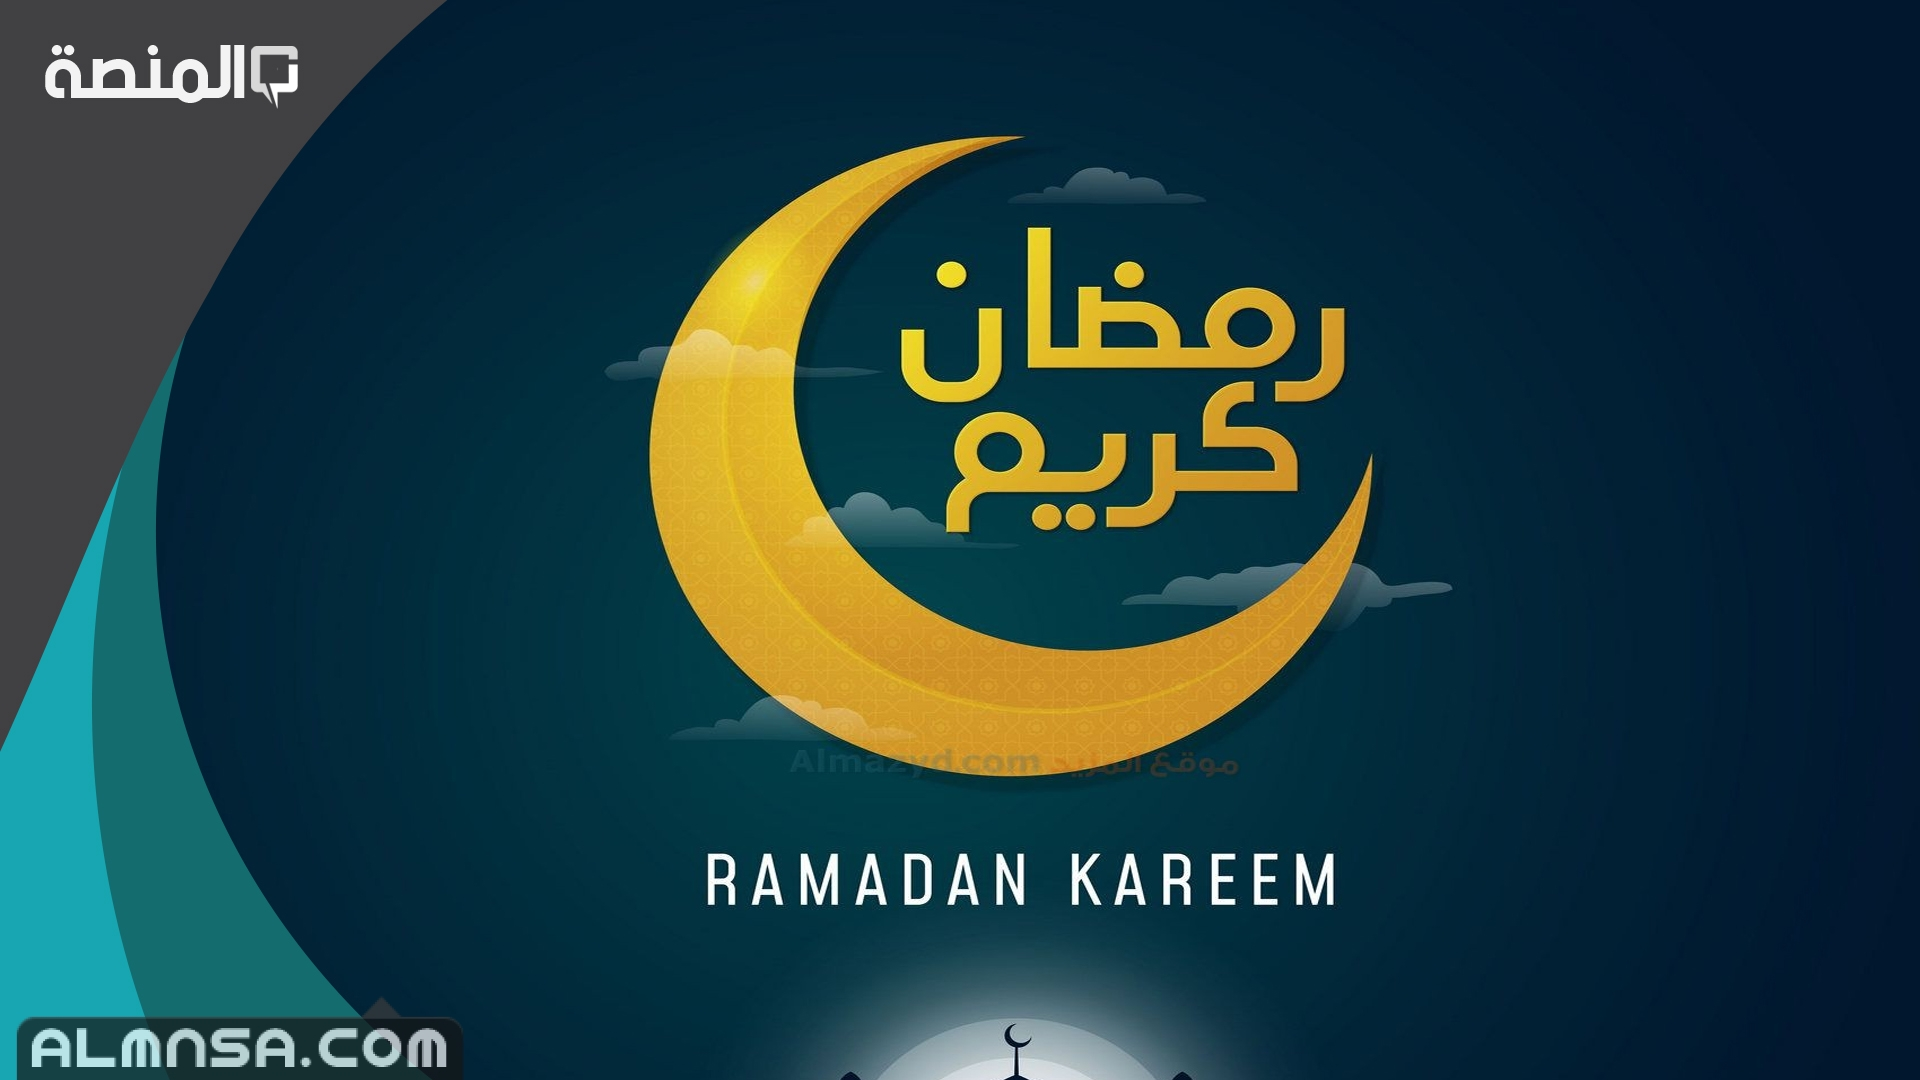 موضوع عن فضل شهر رمضان المبارك المنصة